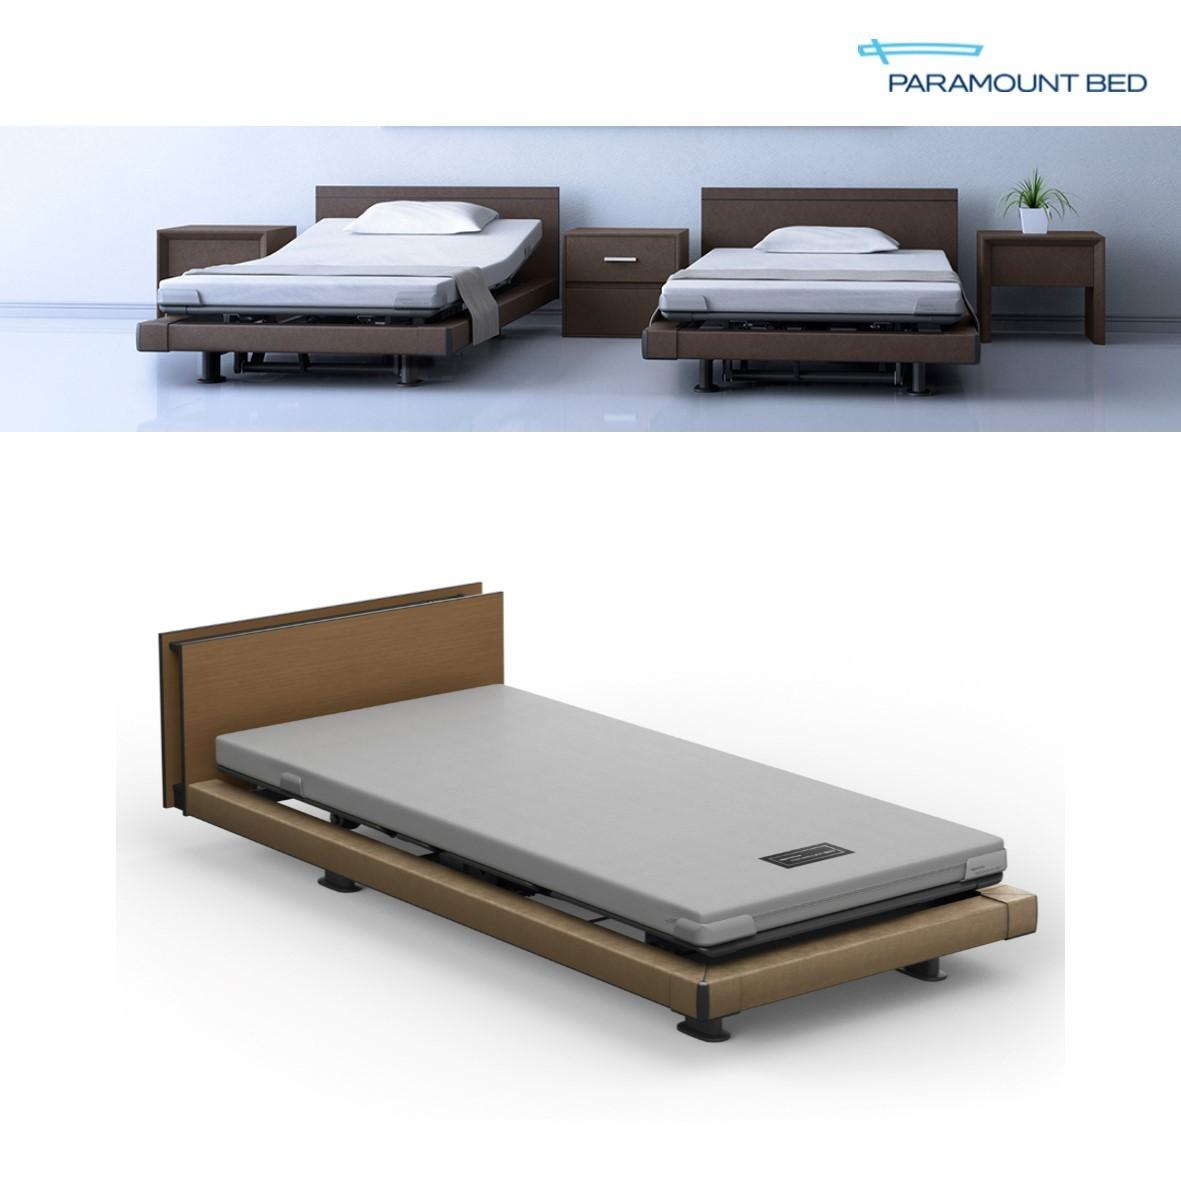 INTIME1000 ハリウッドスタイル ラウンドタイプ 1+1モーター電動ベッド機能:リクライニング・フットレスト・らくらくモーション